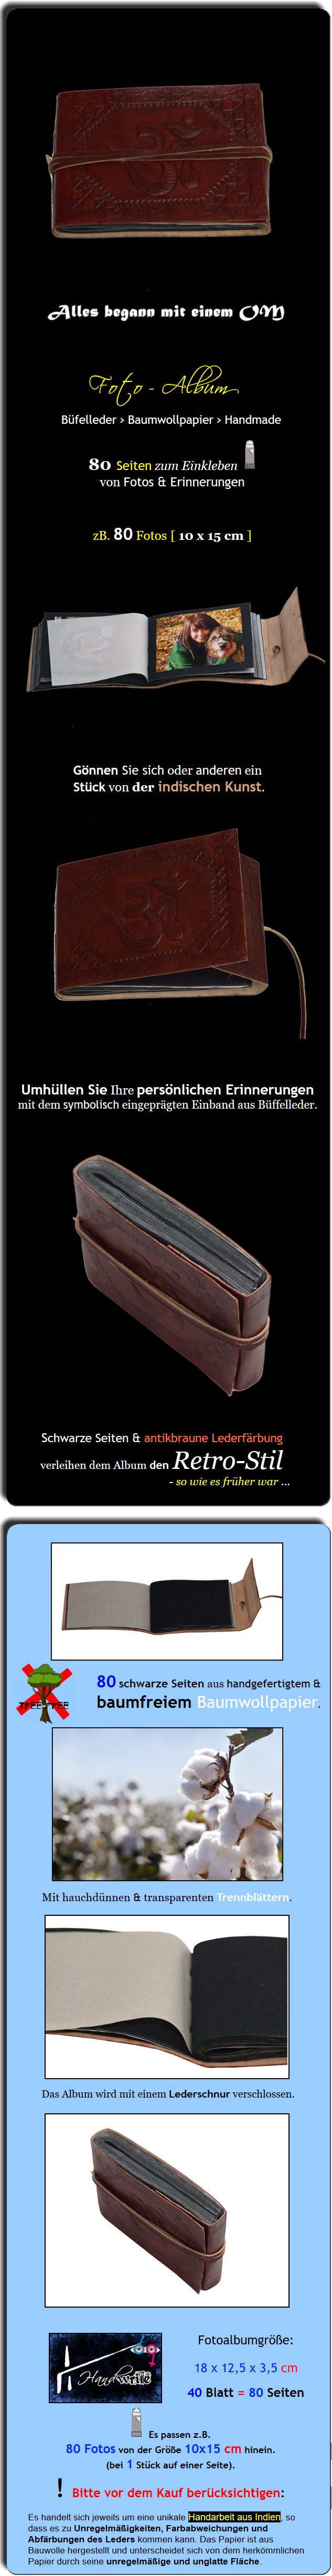 http://roogu.com/auction/allesbegannom.png